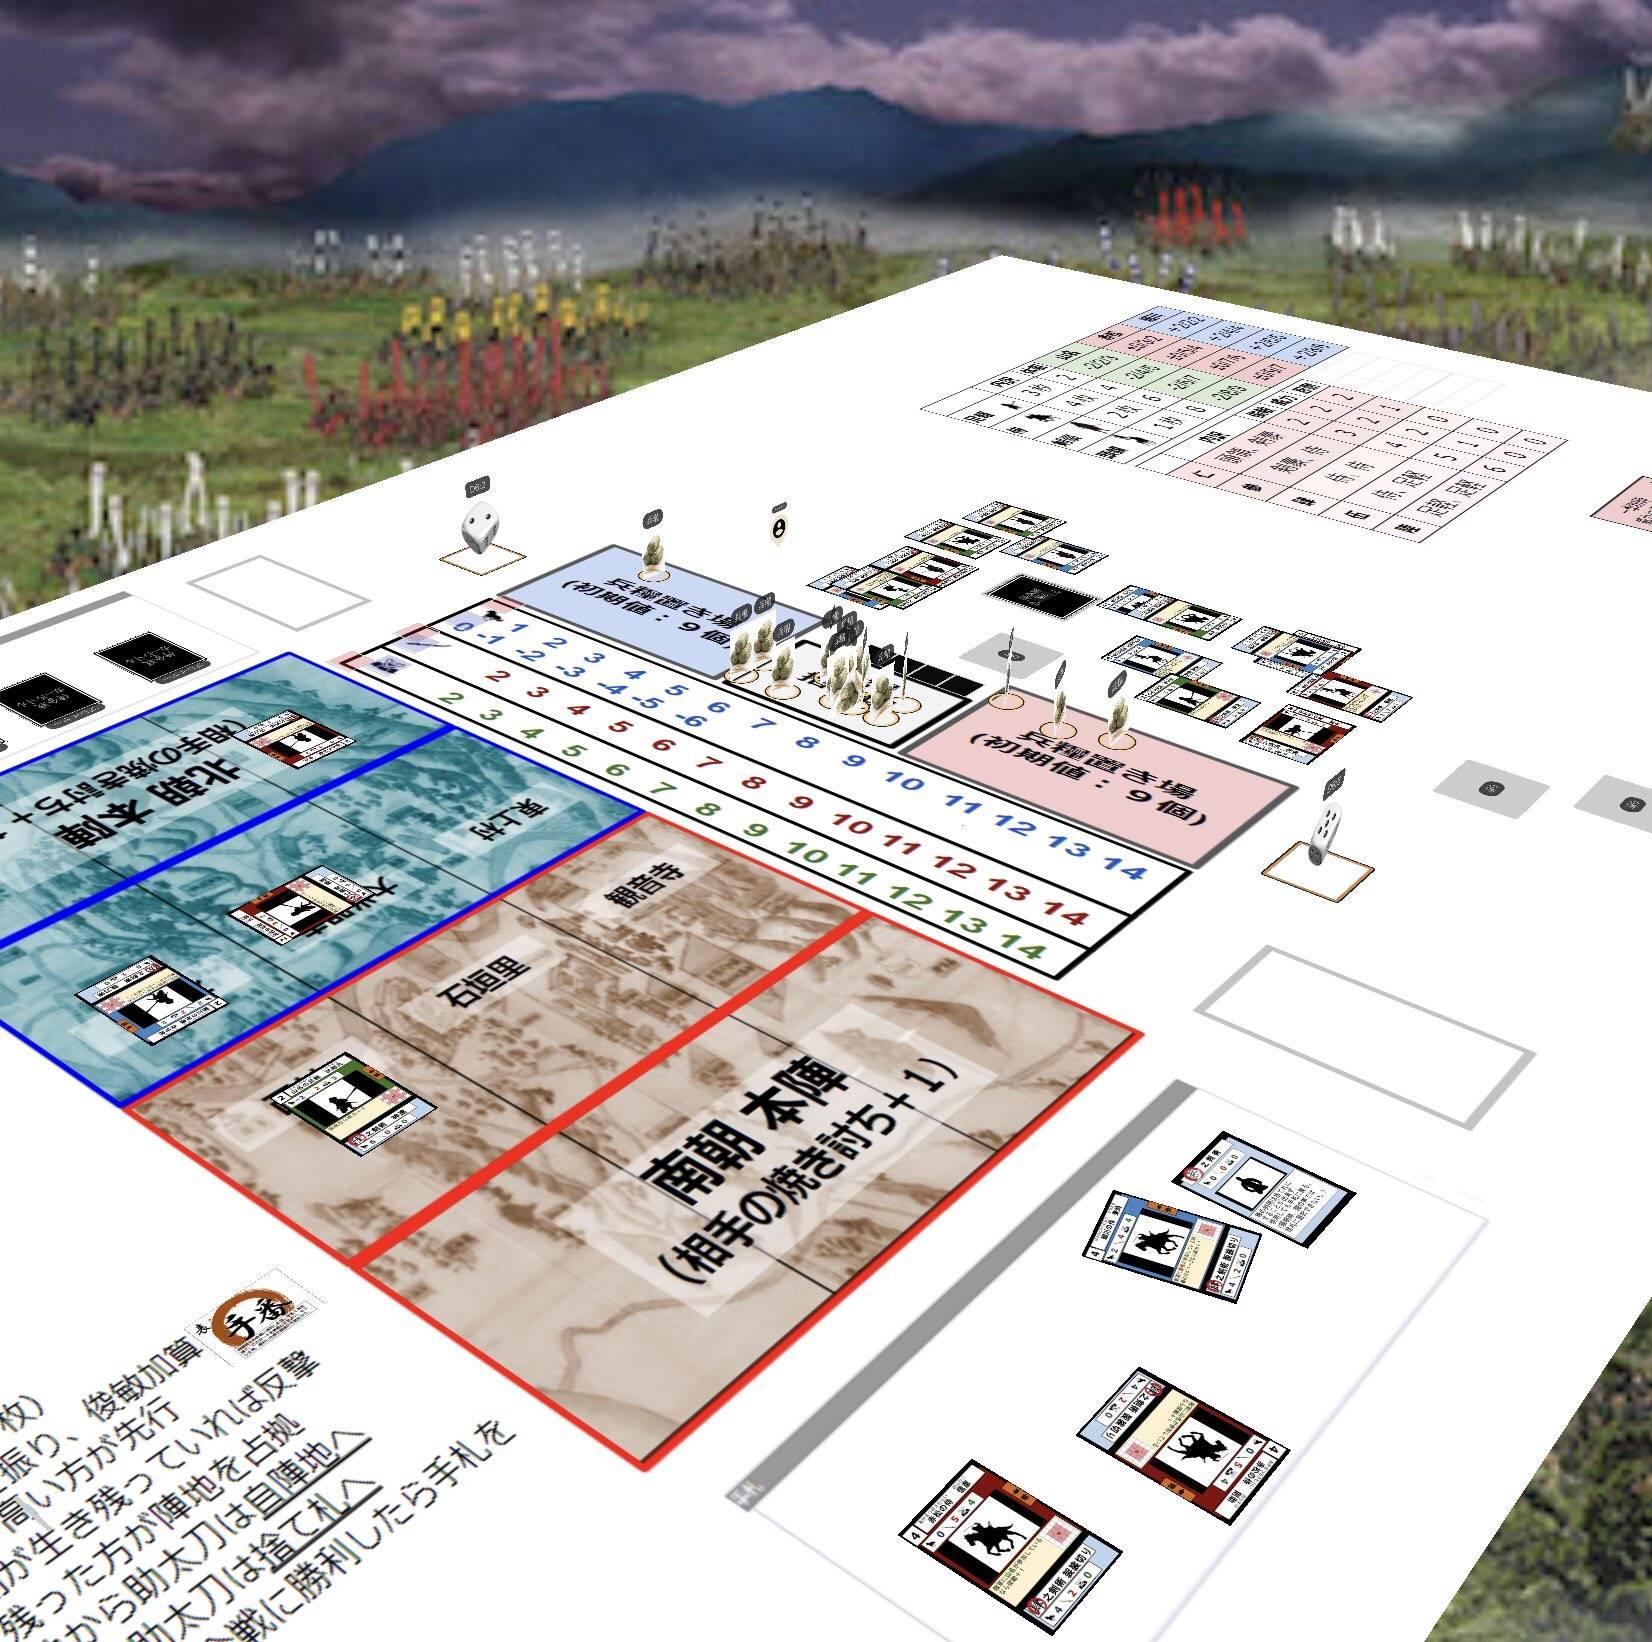 https://image.gamemarket.jp/20210217_090622_Et9AaVSUYAkzNLX%20(1).jpg